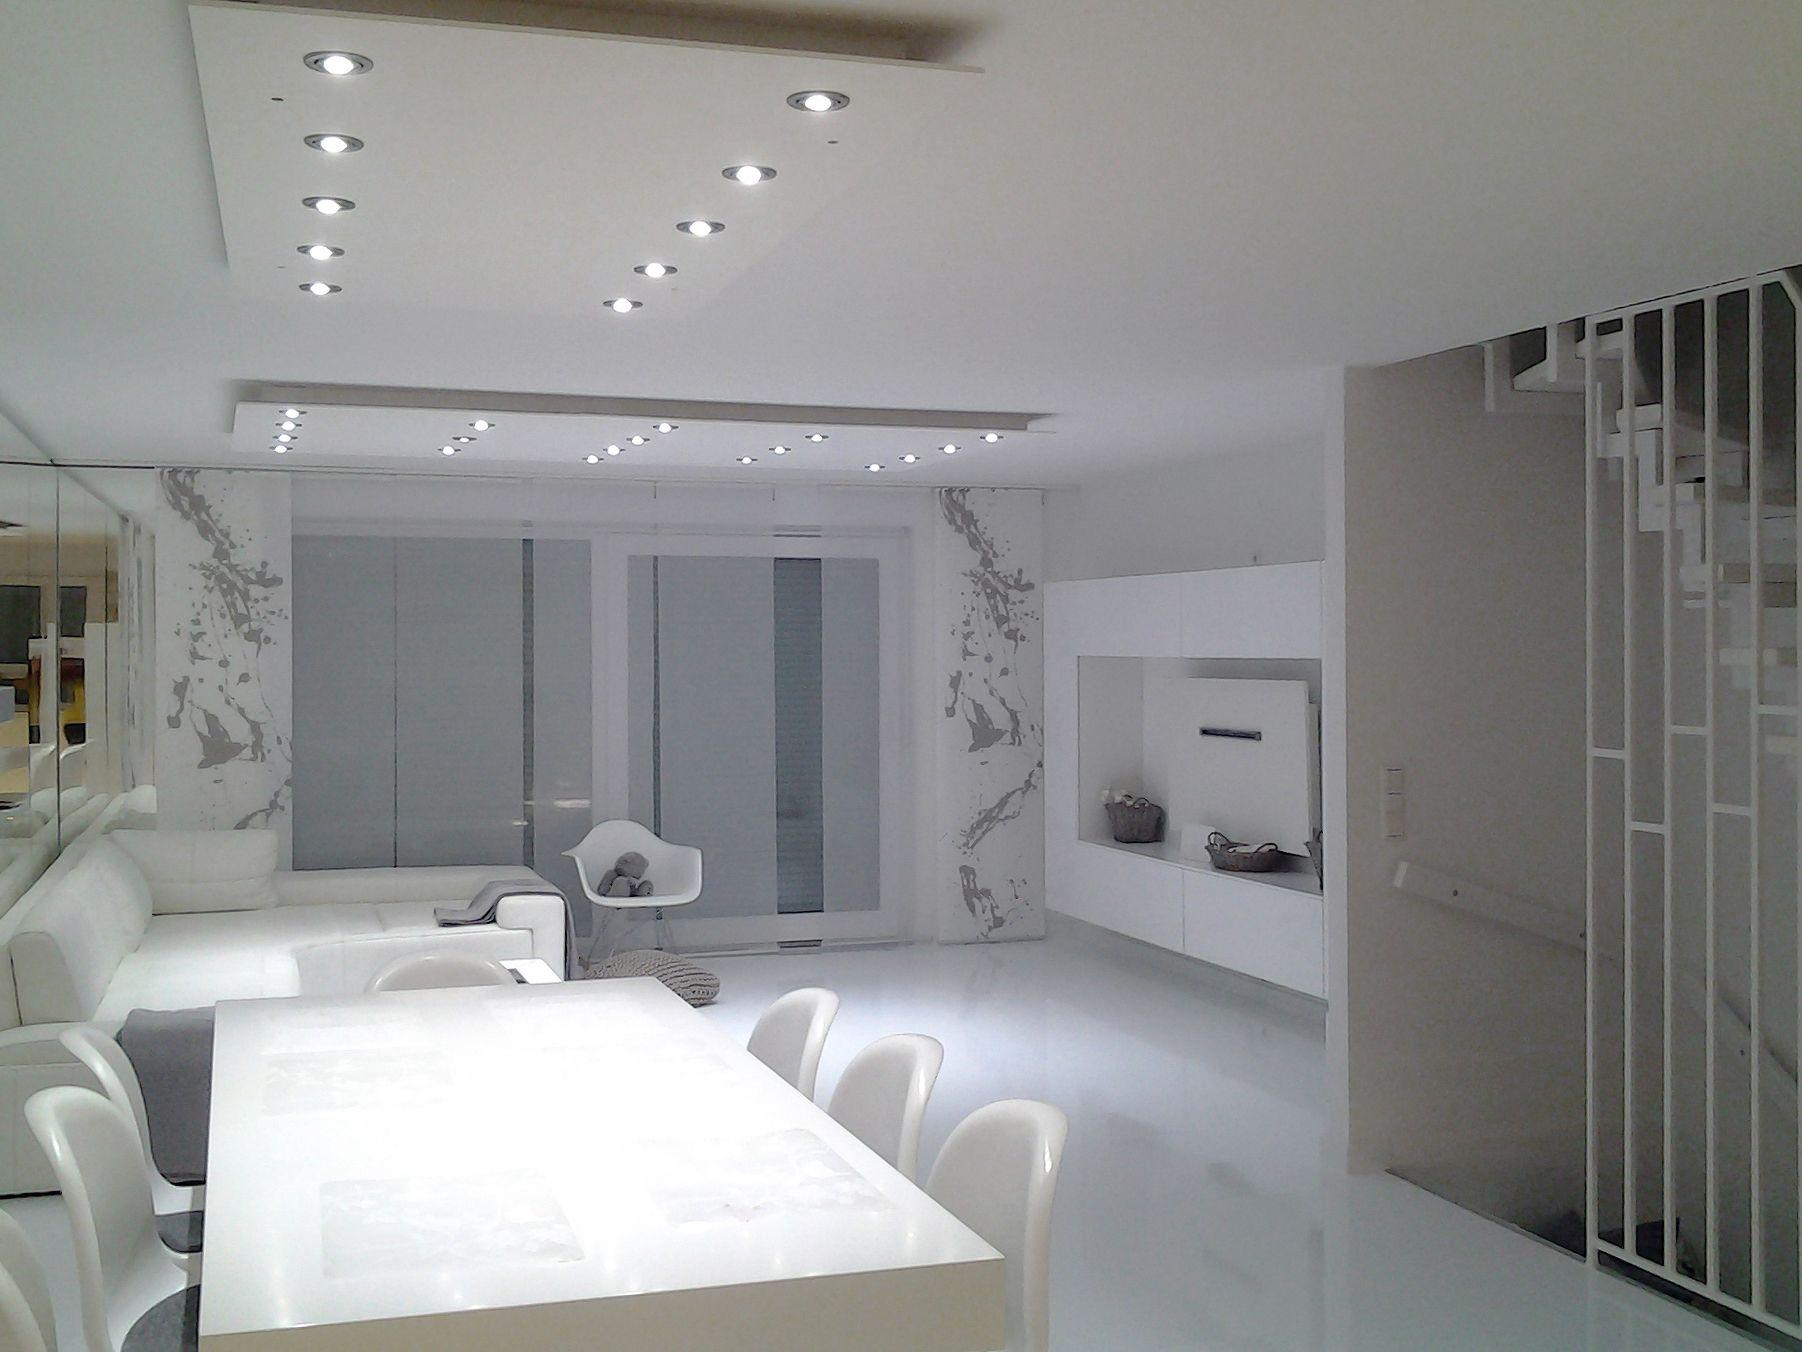 beeindruckende kundenbilder jetzt ansehen abgeh ngte decke pinterest abgeh ngte decke. Black Bedroom Furniture Sets. Home Design Ideas